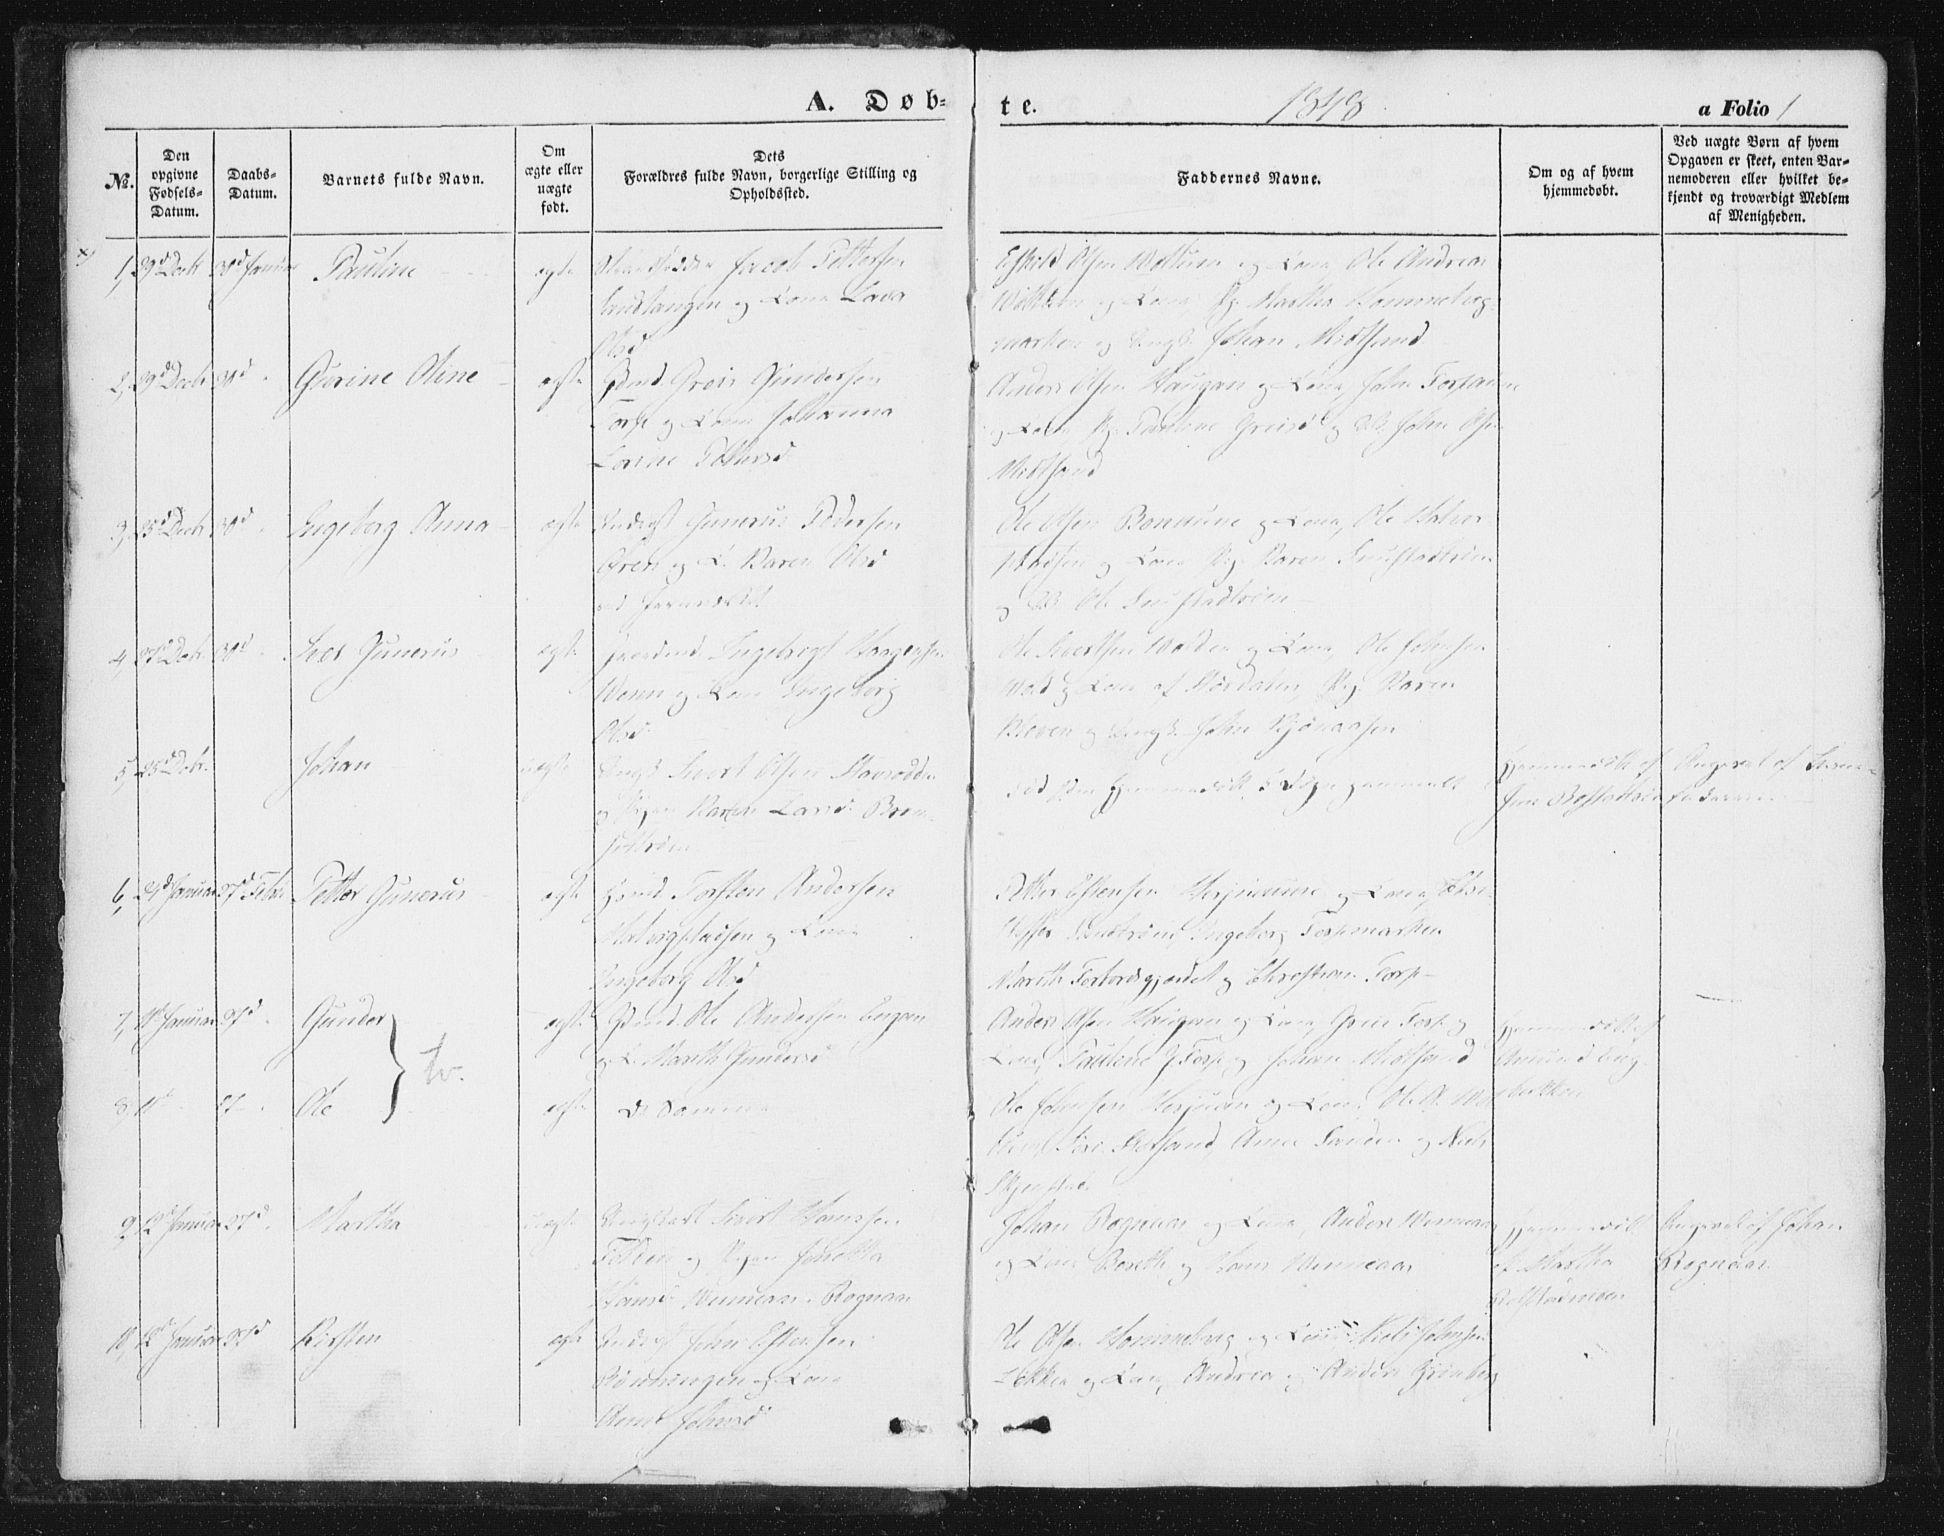 SAT, Ministerialprotokoller, klokkerbøker og fødselsregistre - Sør-Trøndelag, 616/L0407: Ministerialbok nr. 616A04, 1848-1856, s. 1